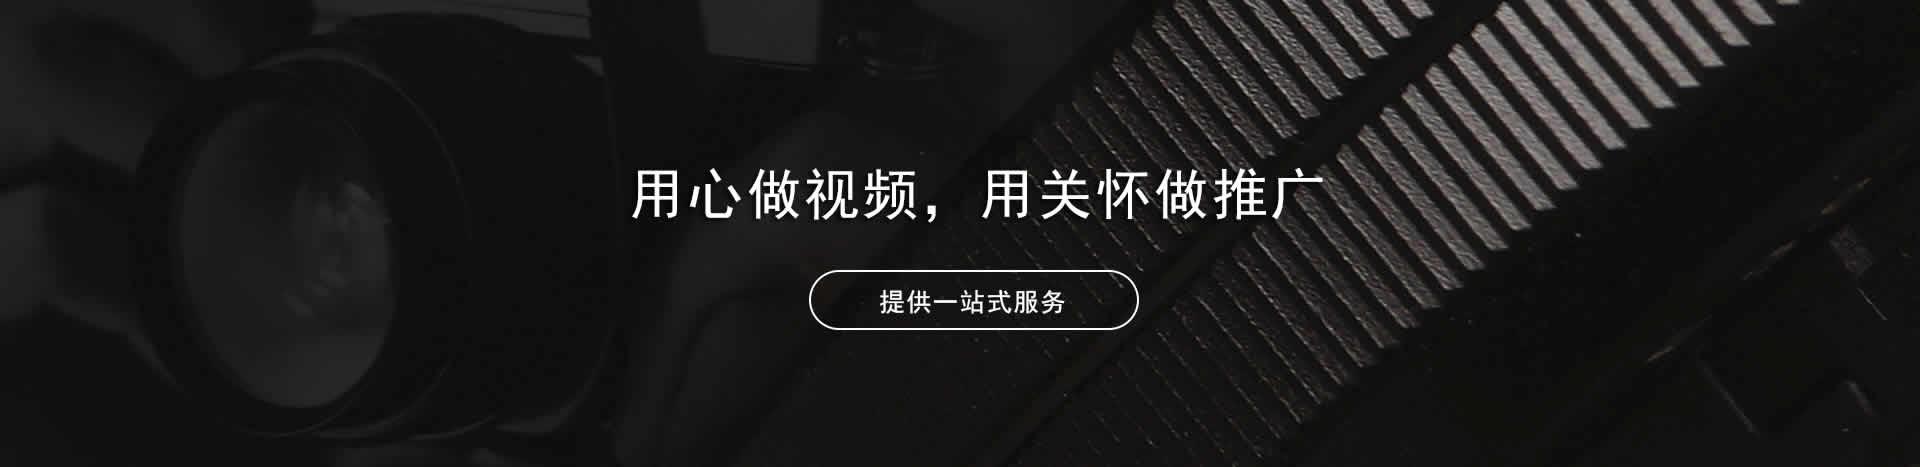 湖南抖音营销运营中心